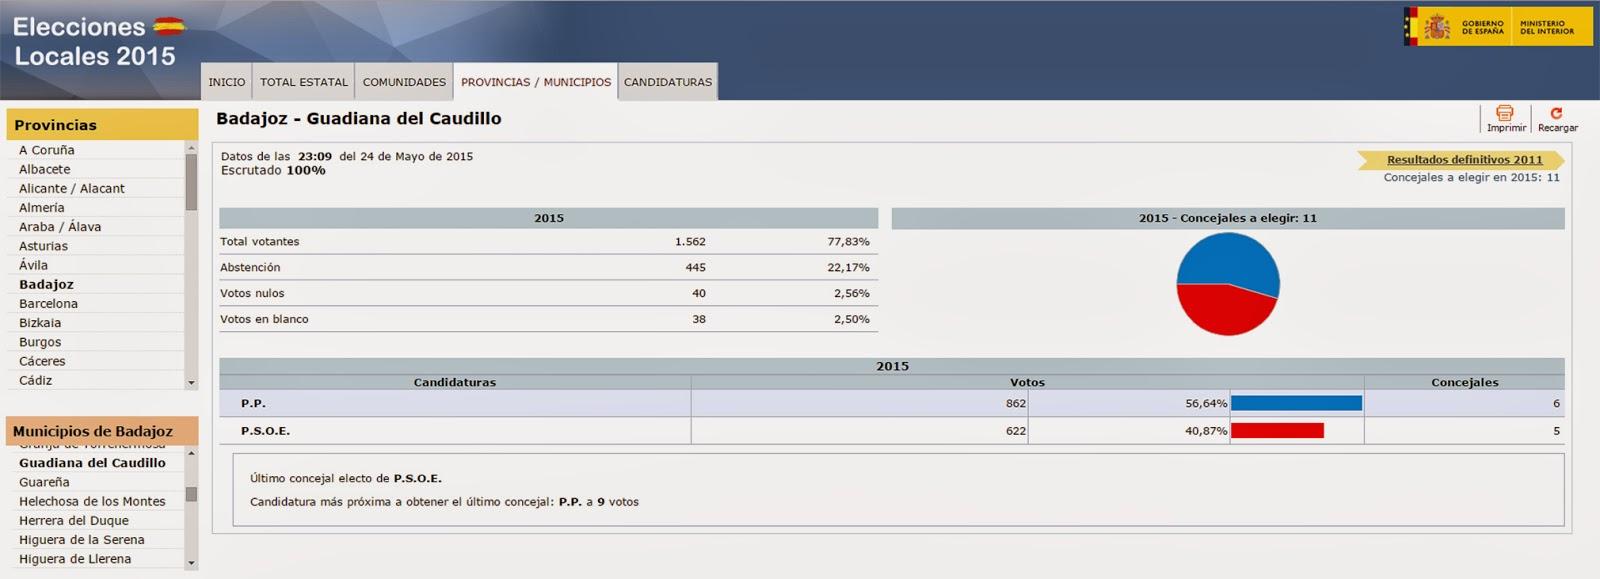 Resultado de las elecciones en guadiana guadiana del for Elecciones ministerio del interior resultados